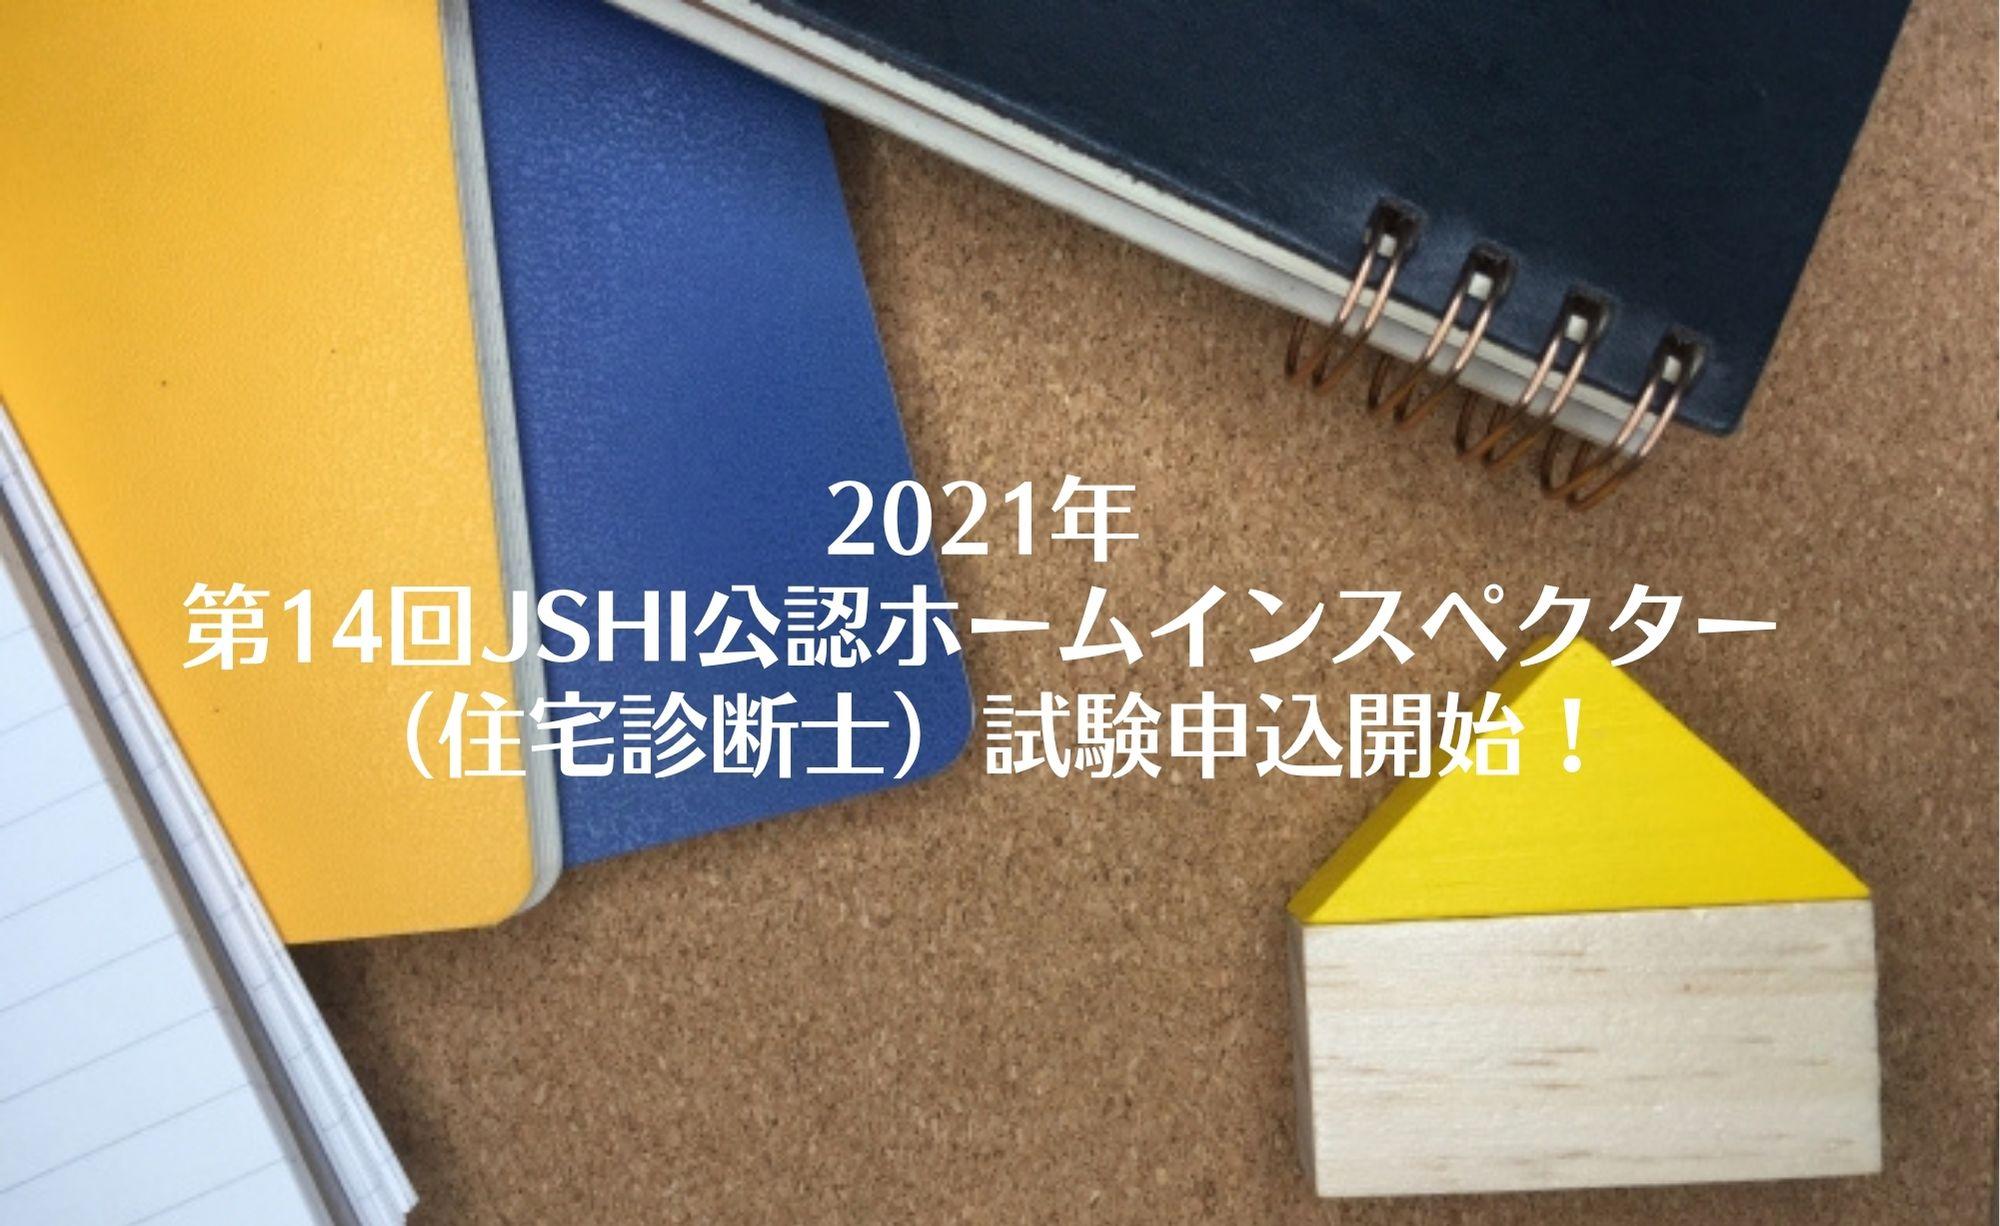 2021年度 第14回 JSHI公認ホームインスペクター(住宅診断士)資格試験申込開始!